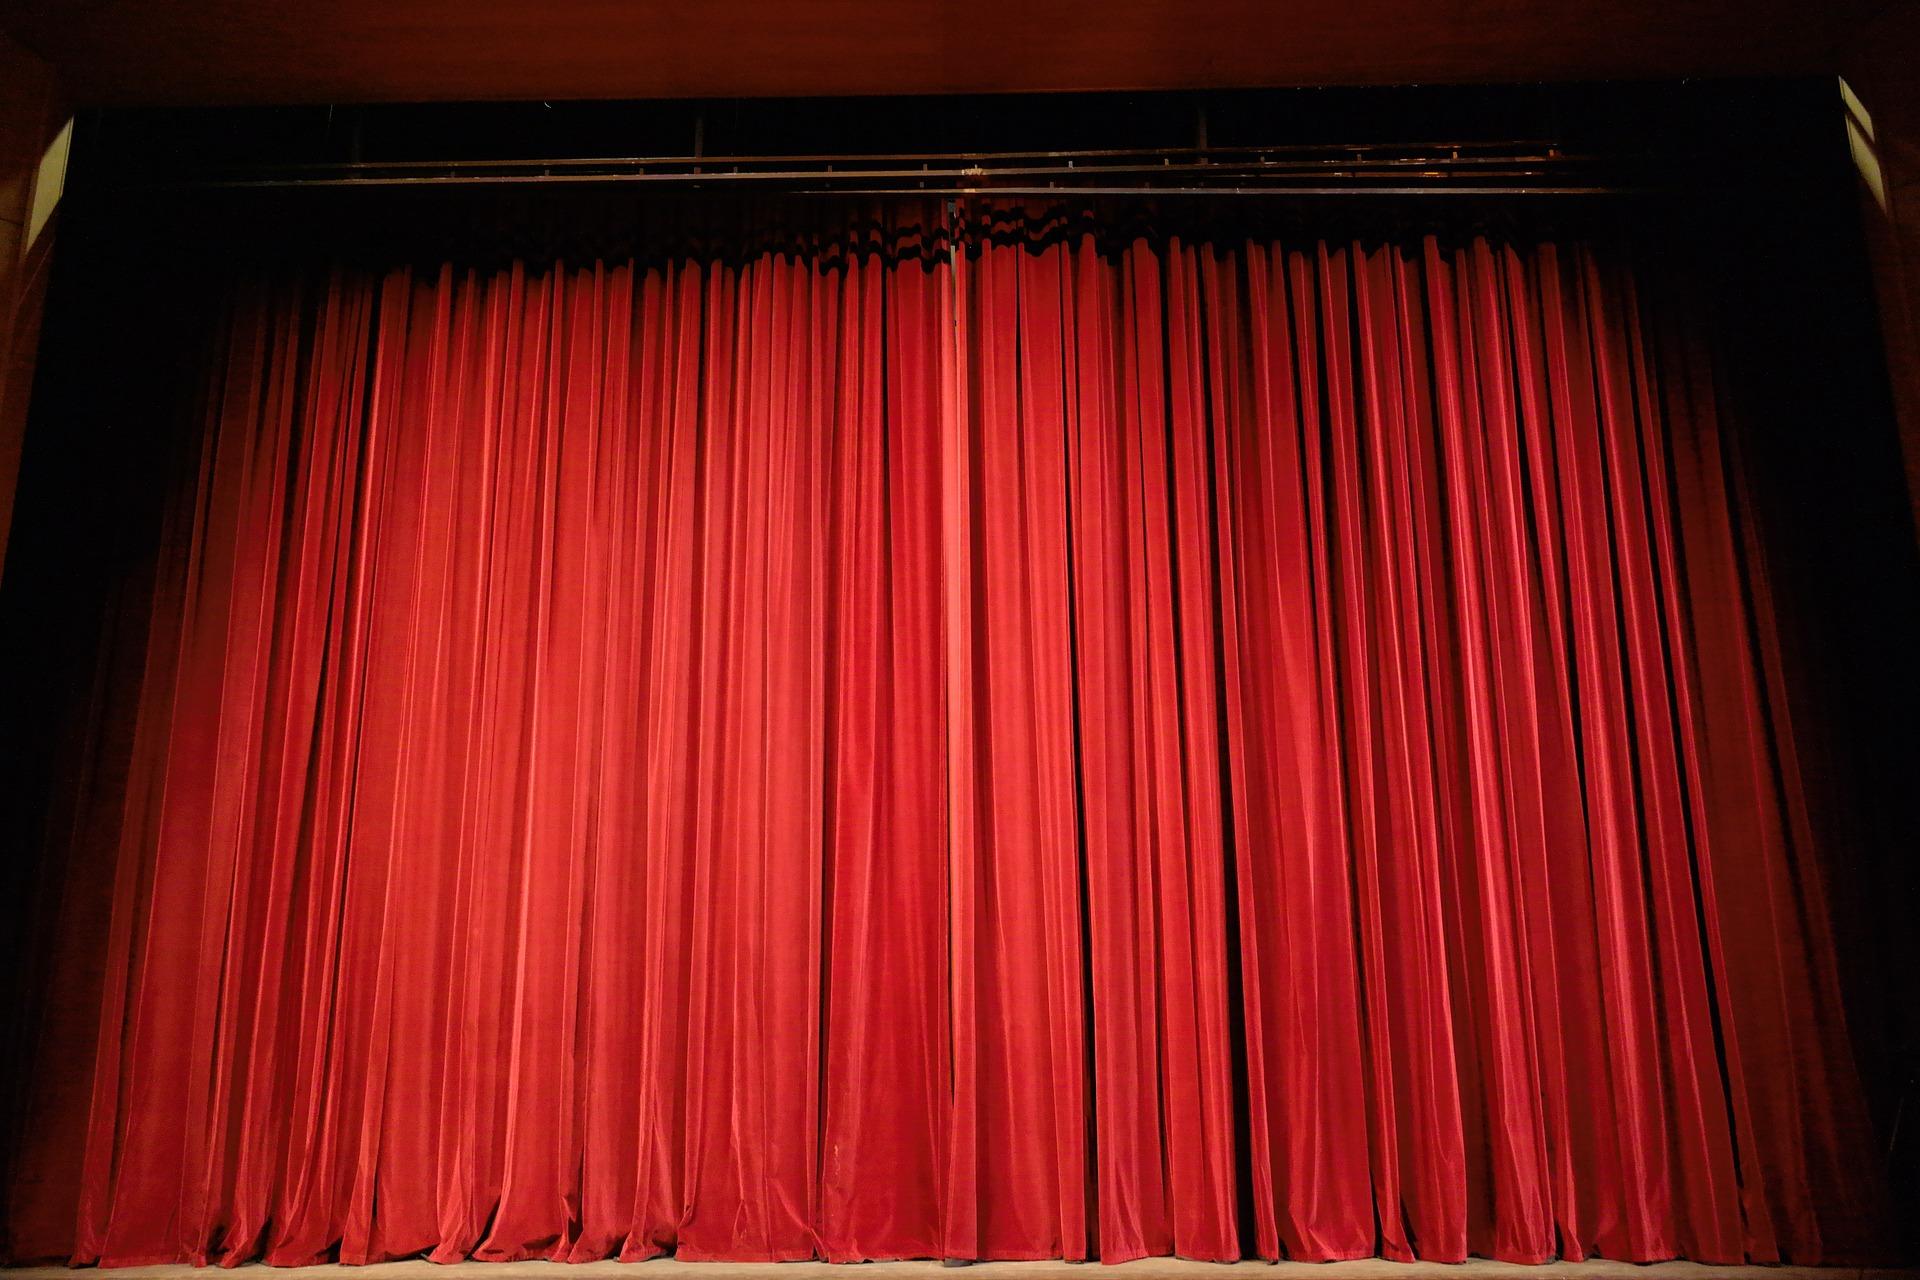 Spettacolo teatrale ″La spartizione″